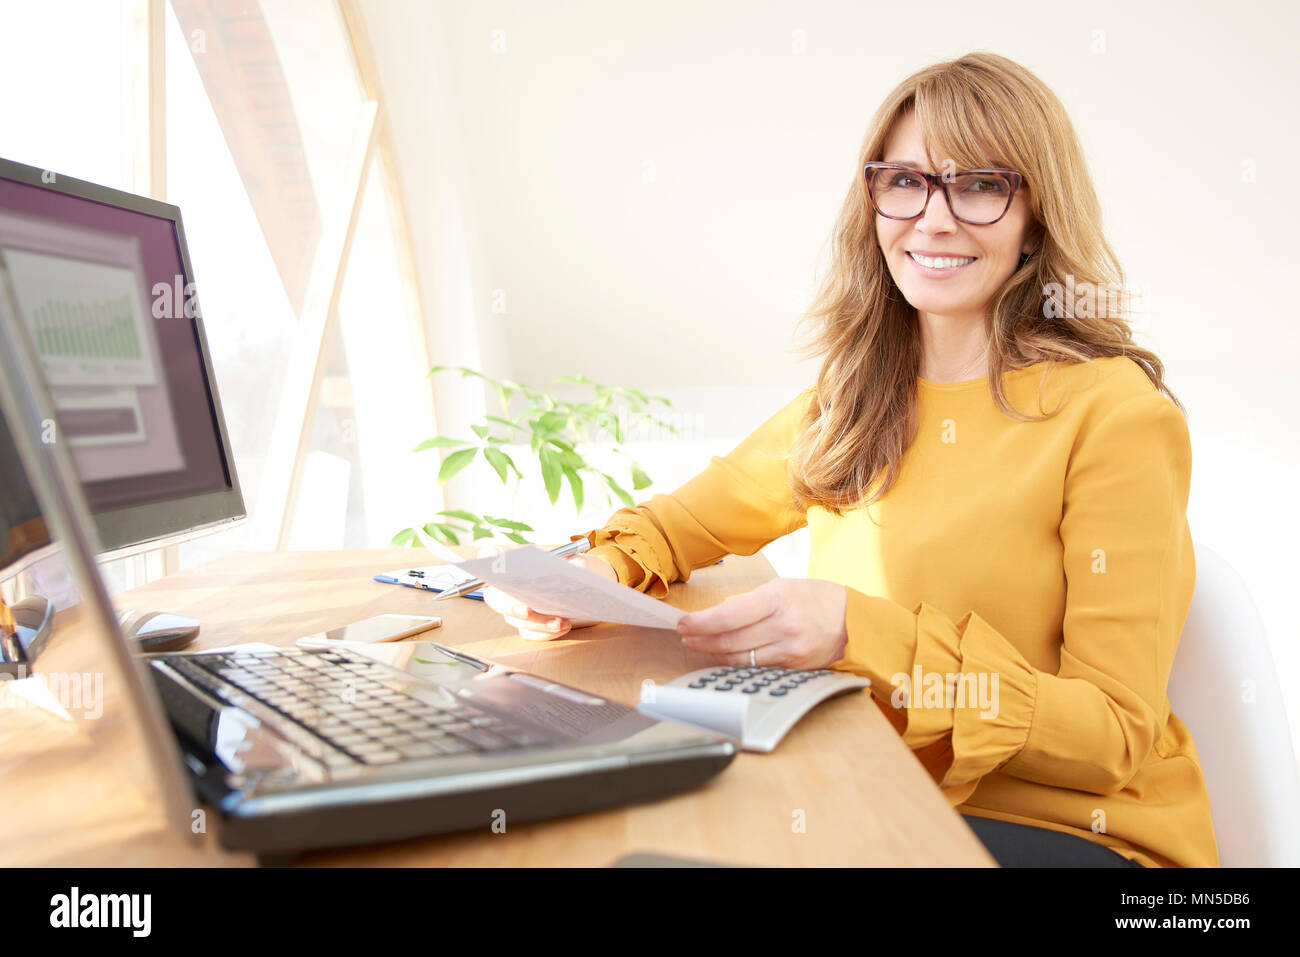 La empresaria ejecutiva de mediana edad sentado en la computadora y la computadora portátil y haciendo algunos trámites. La oficina en casa. Imagen De Stock